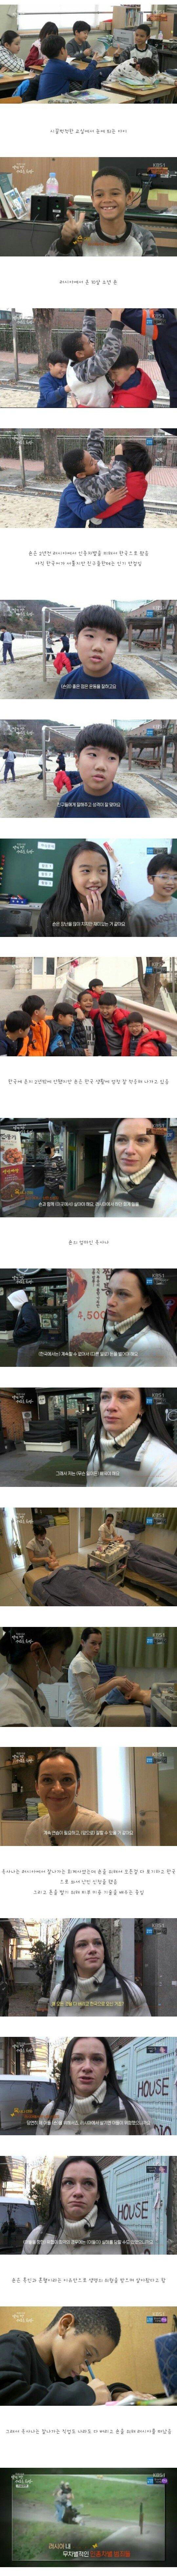 001.jpg 인종차별 때문에 러시아에서 한국으로 온 모자